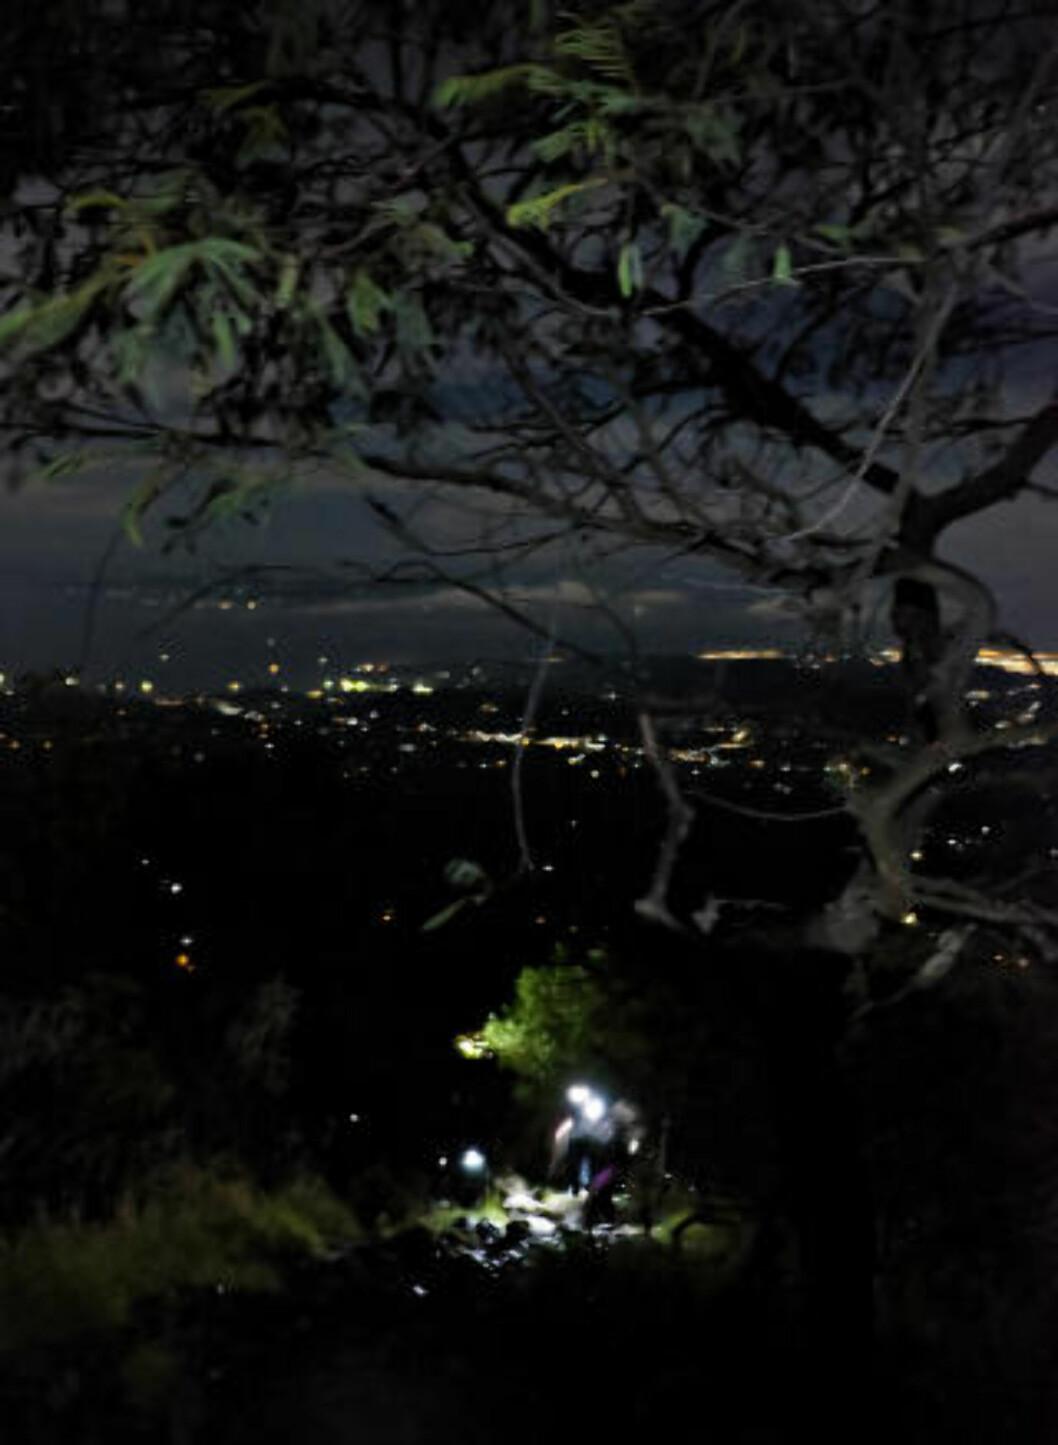 LYSER OPP: Som ildfluer beveger vi oss sakte oppover vulkansiden, mens lysene fra Denpasar lyser opp horisonten. Foto: ANITA ARNTZEN